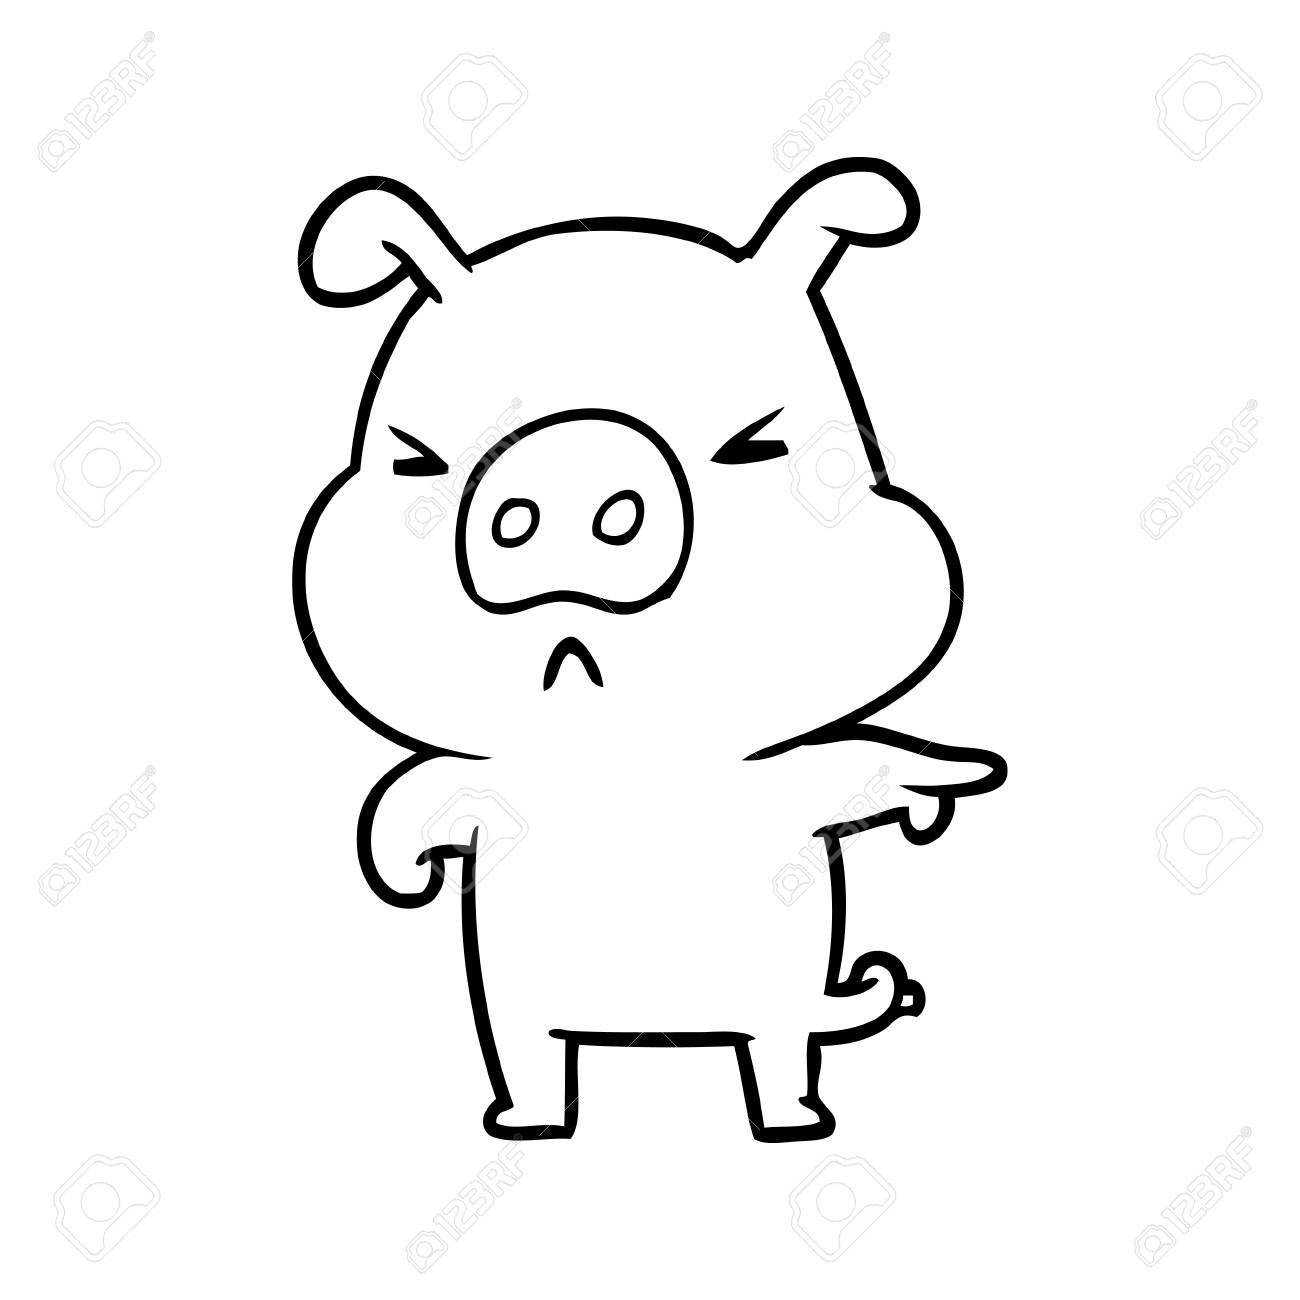 Dessin Au Trait D Un Cochon En Colère Pointant